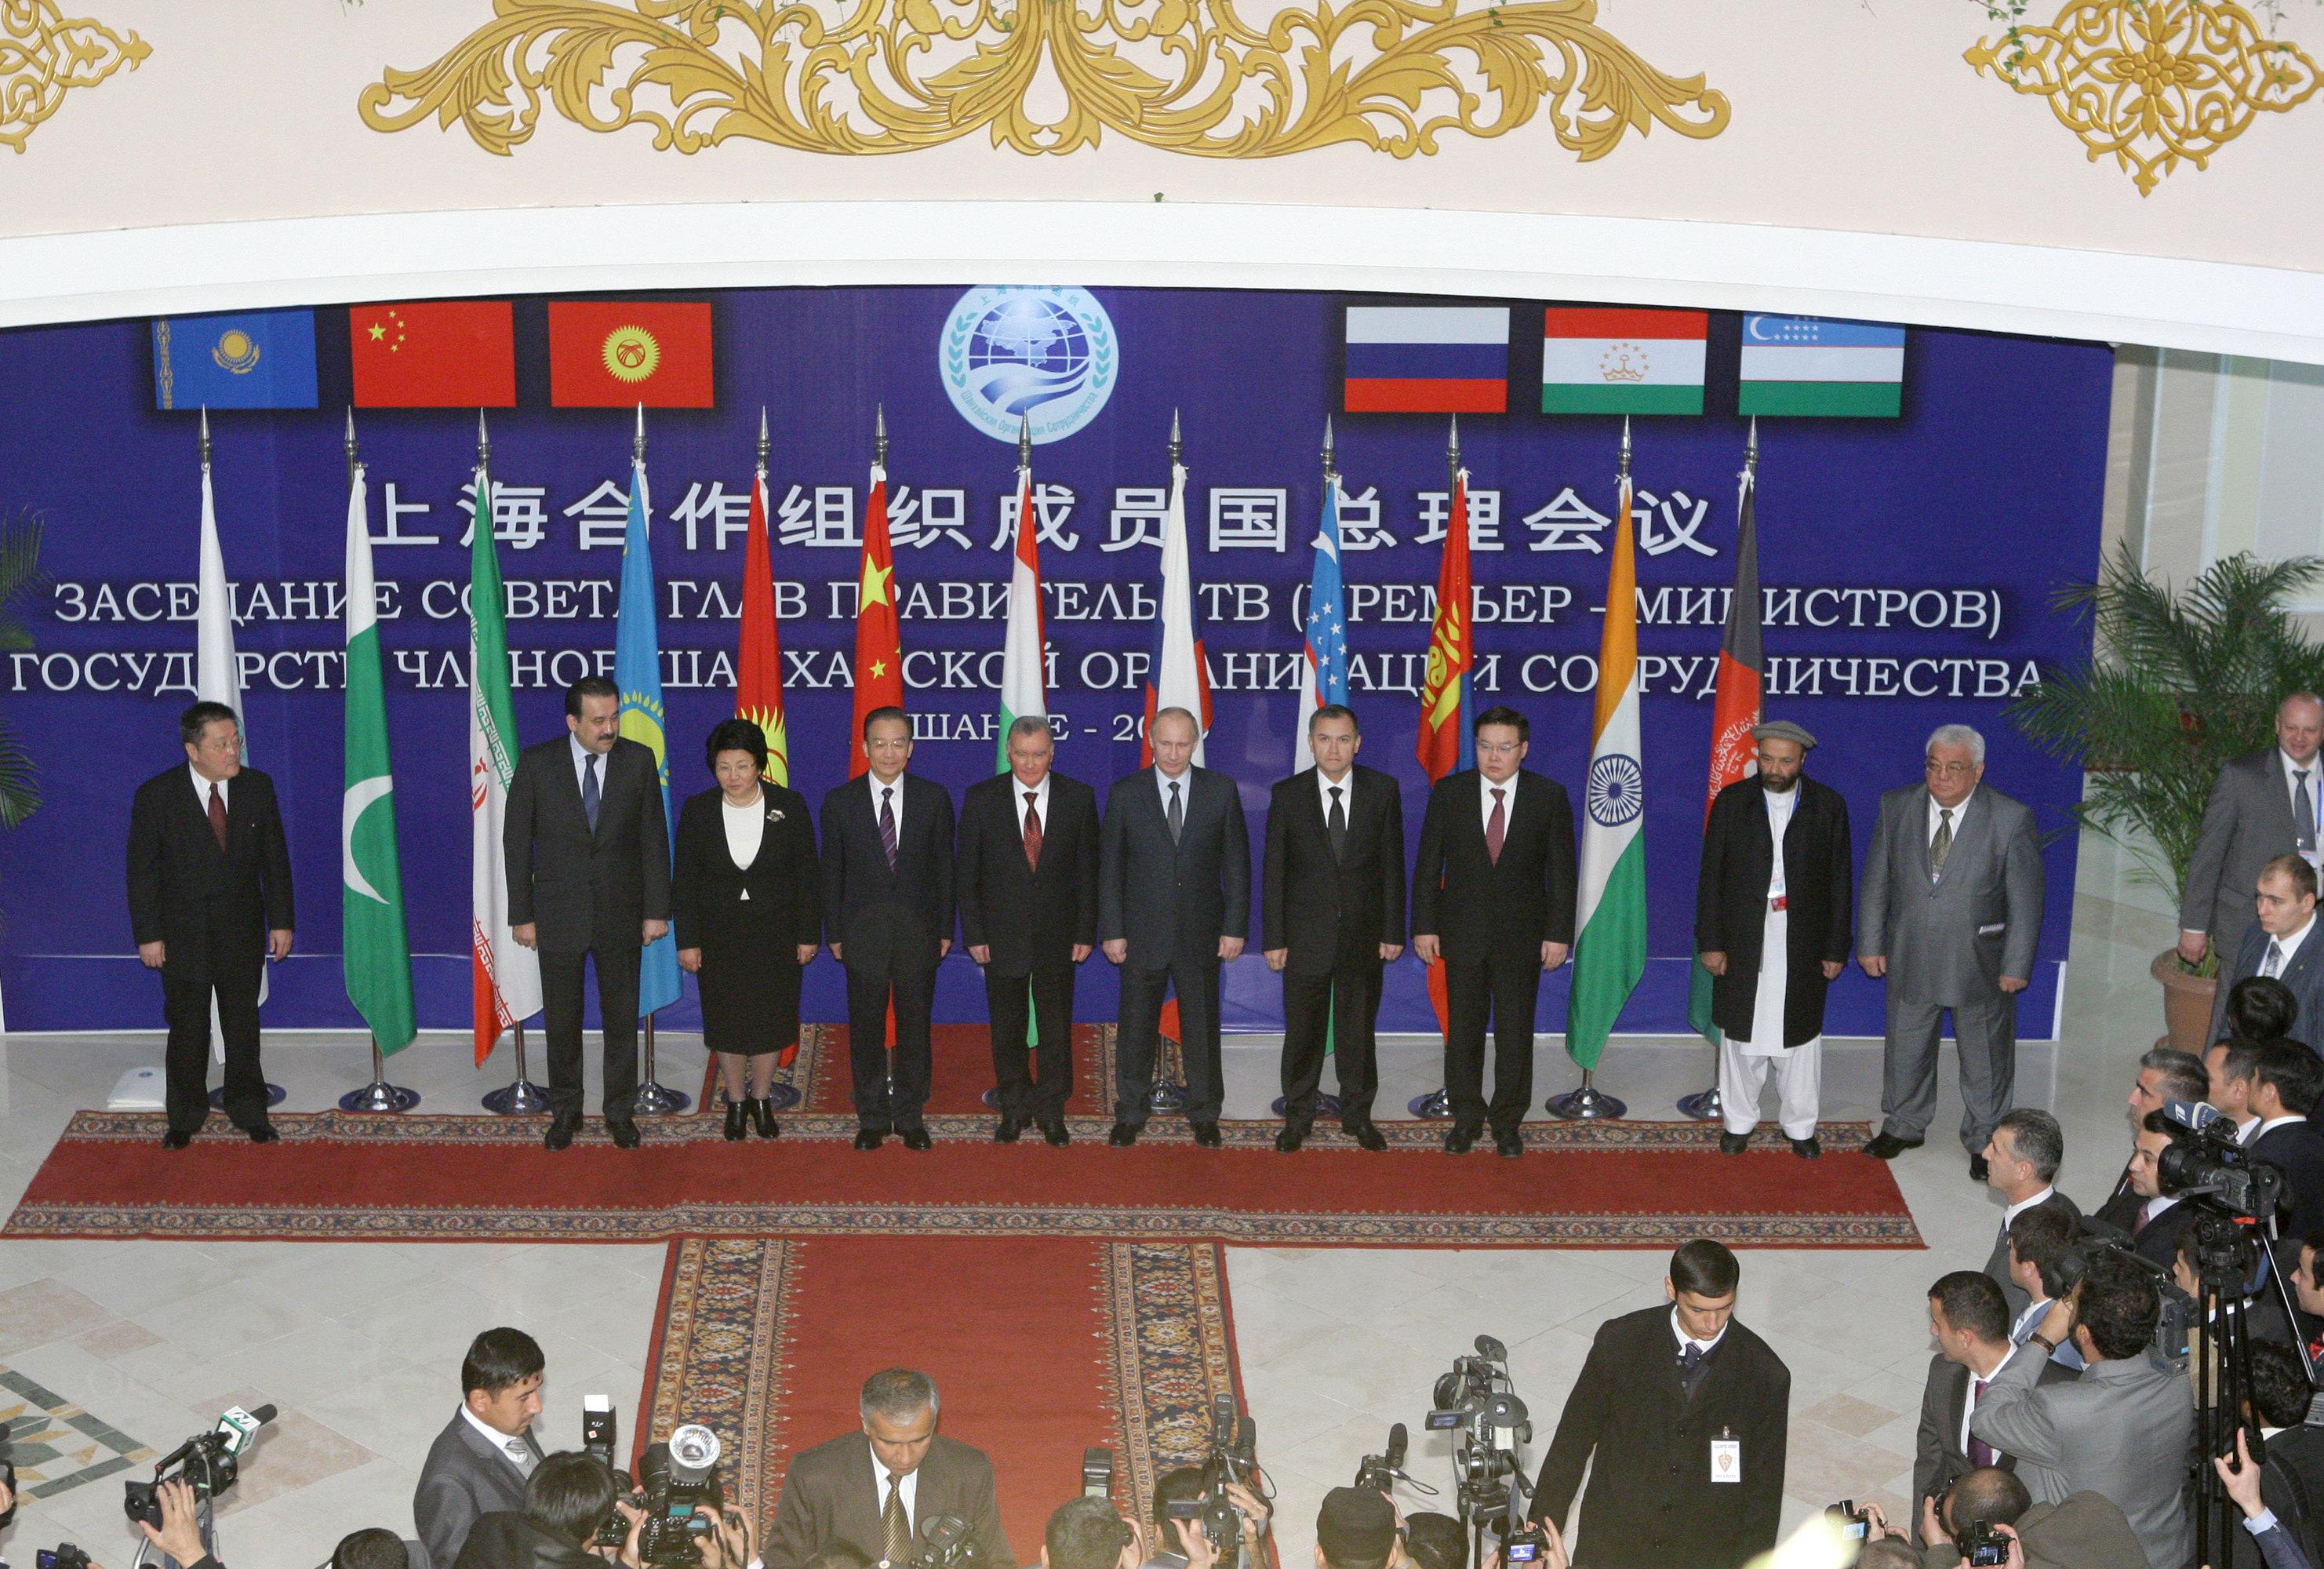 Совместное фотографирование глав правительств государств-членов ШОС, руководителей государств-наблюдателей и гостей